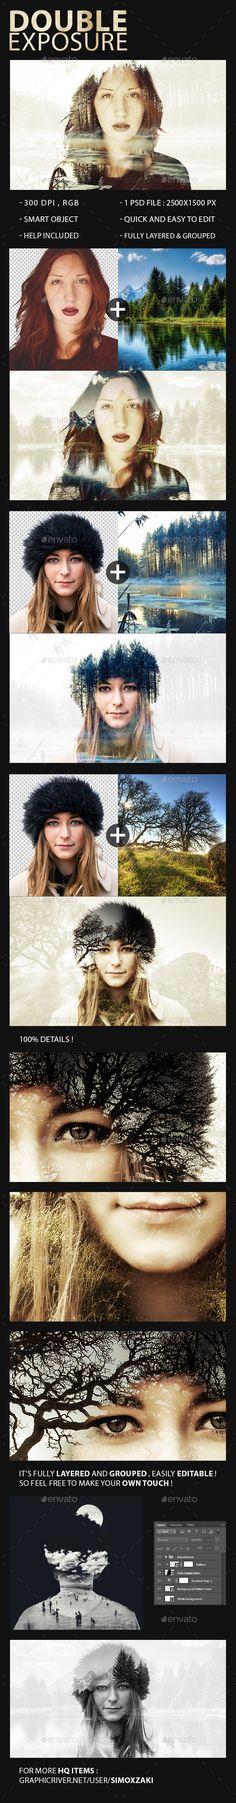 Double Exposure Maker #design Download: http://graphicriver.net/item/double-exposure-maker/11097407?ref=ksioks